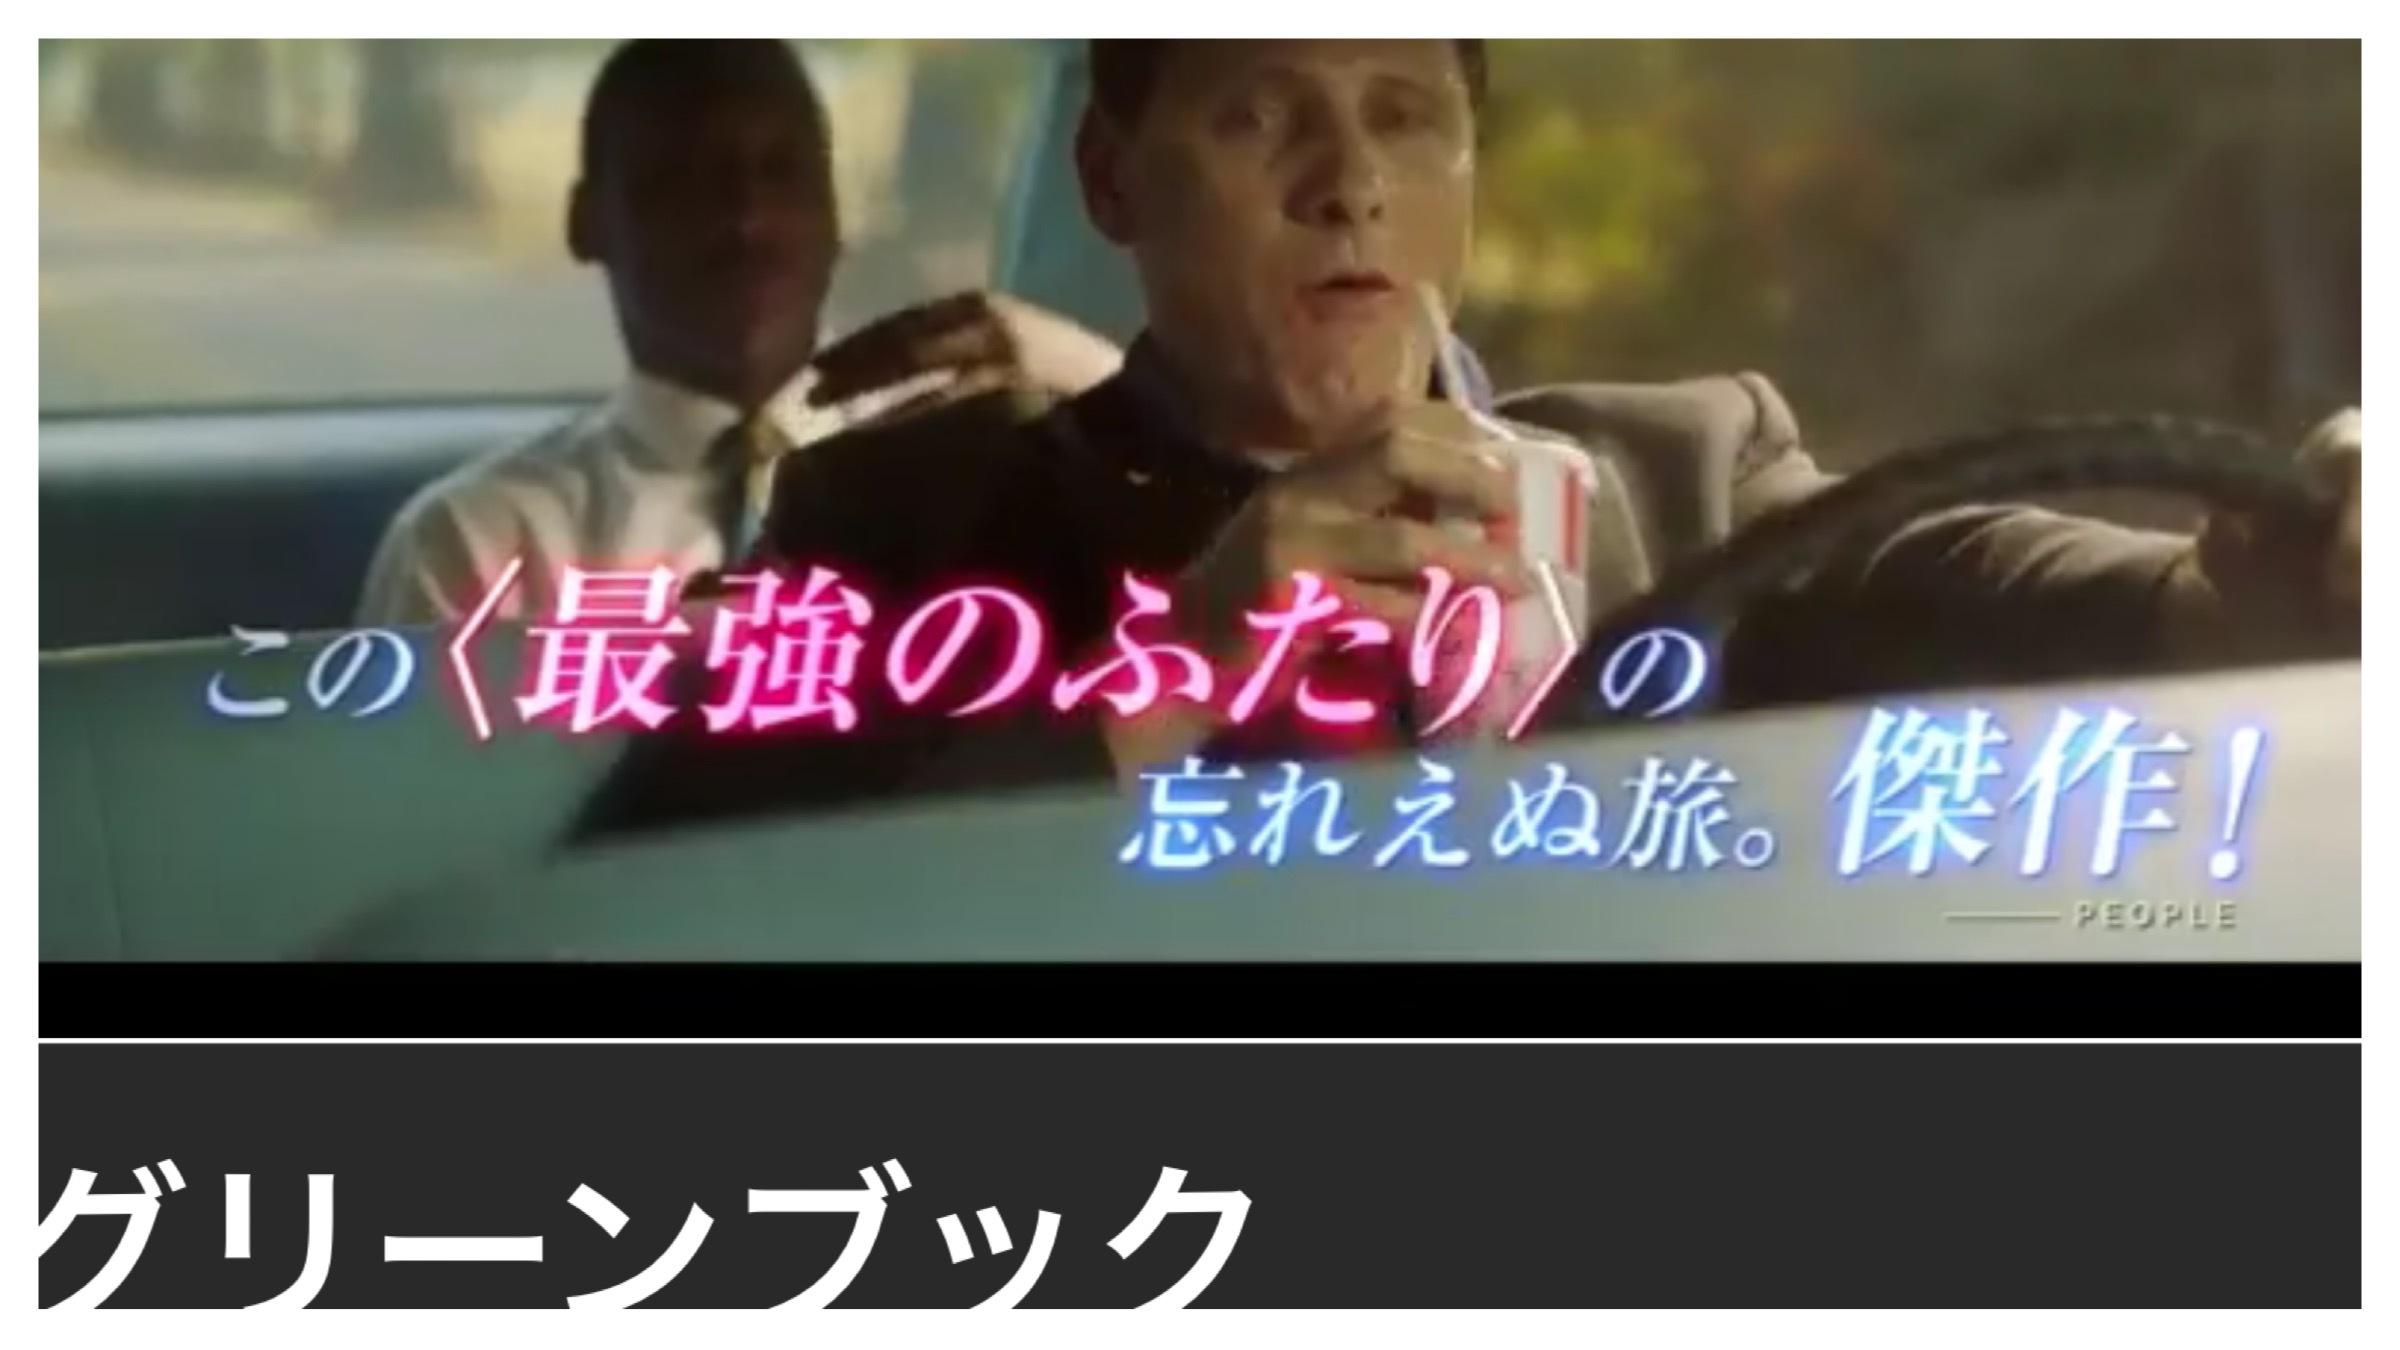 墓参り 映画 ホームパーティー_a0084343_23025077.jpeg